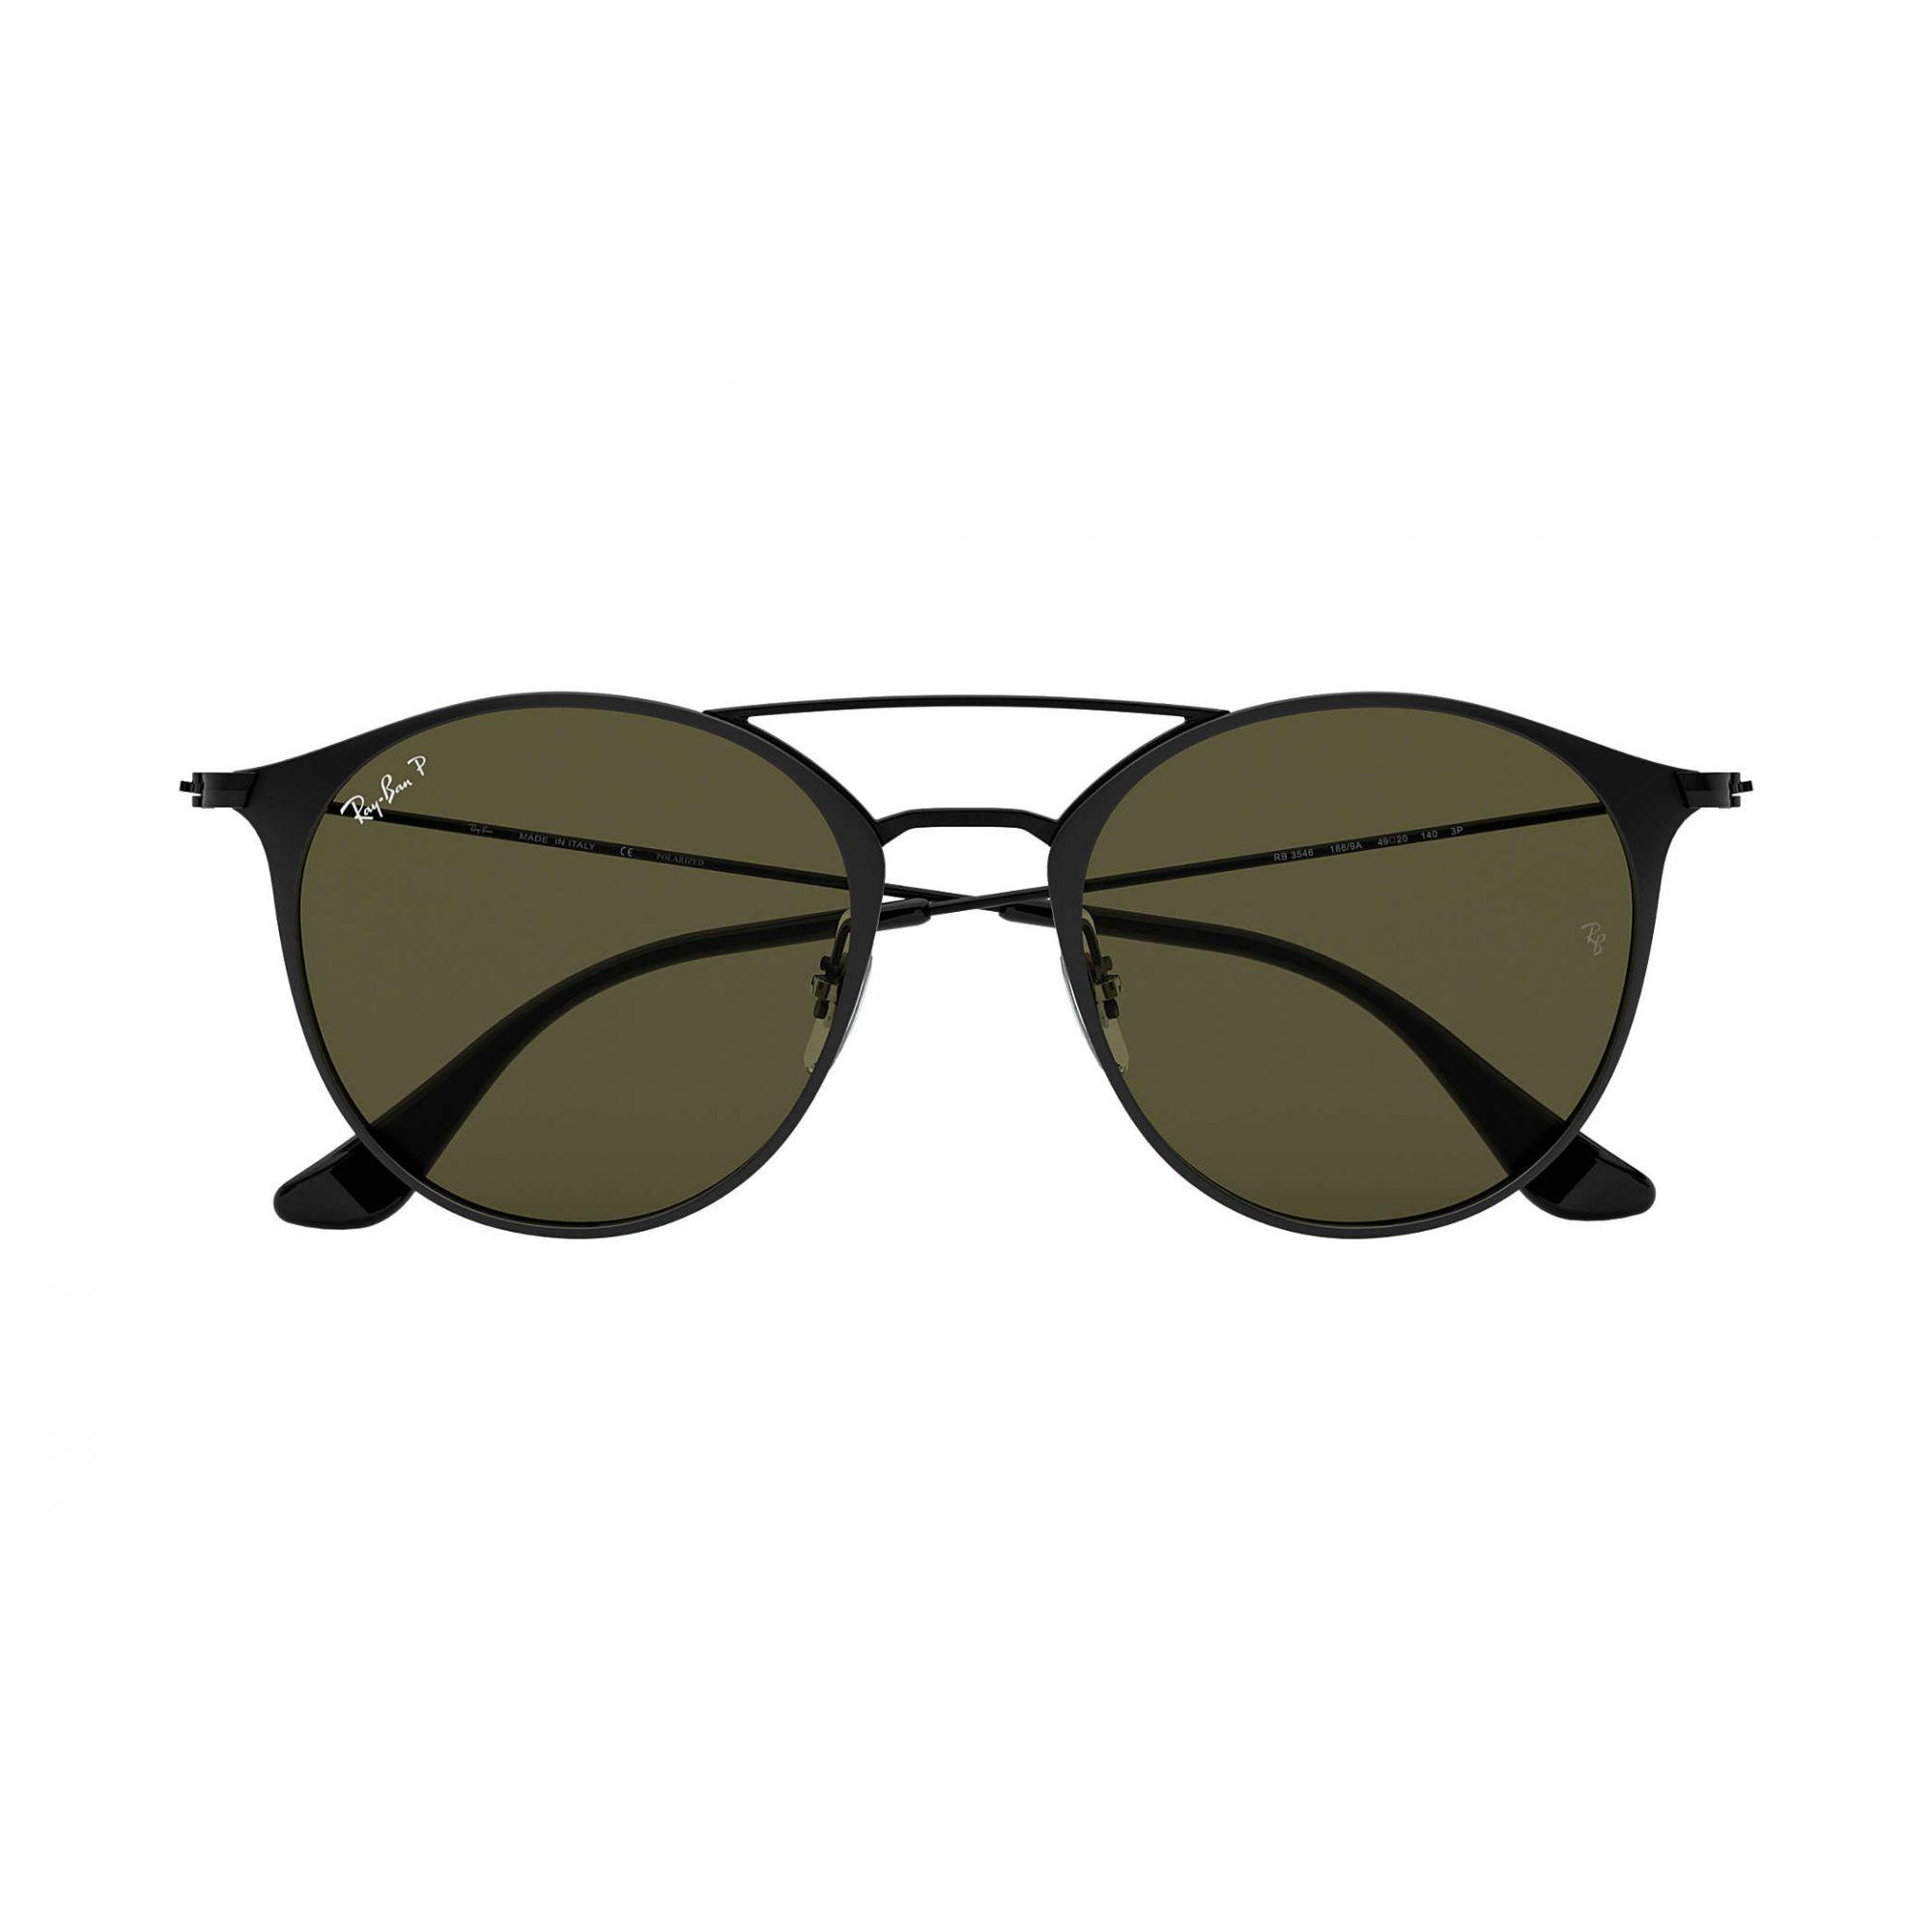 Ray Ban - RB3546 1869A POLARIZADO - Óculos de sol